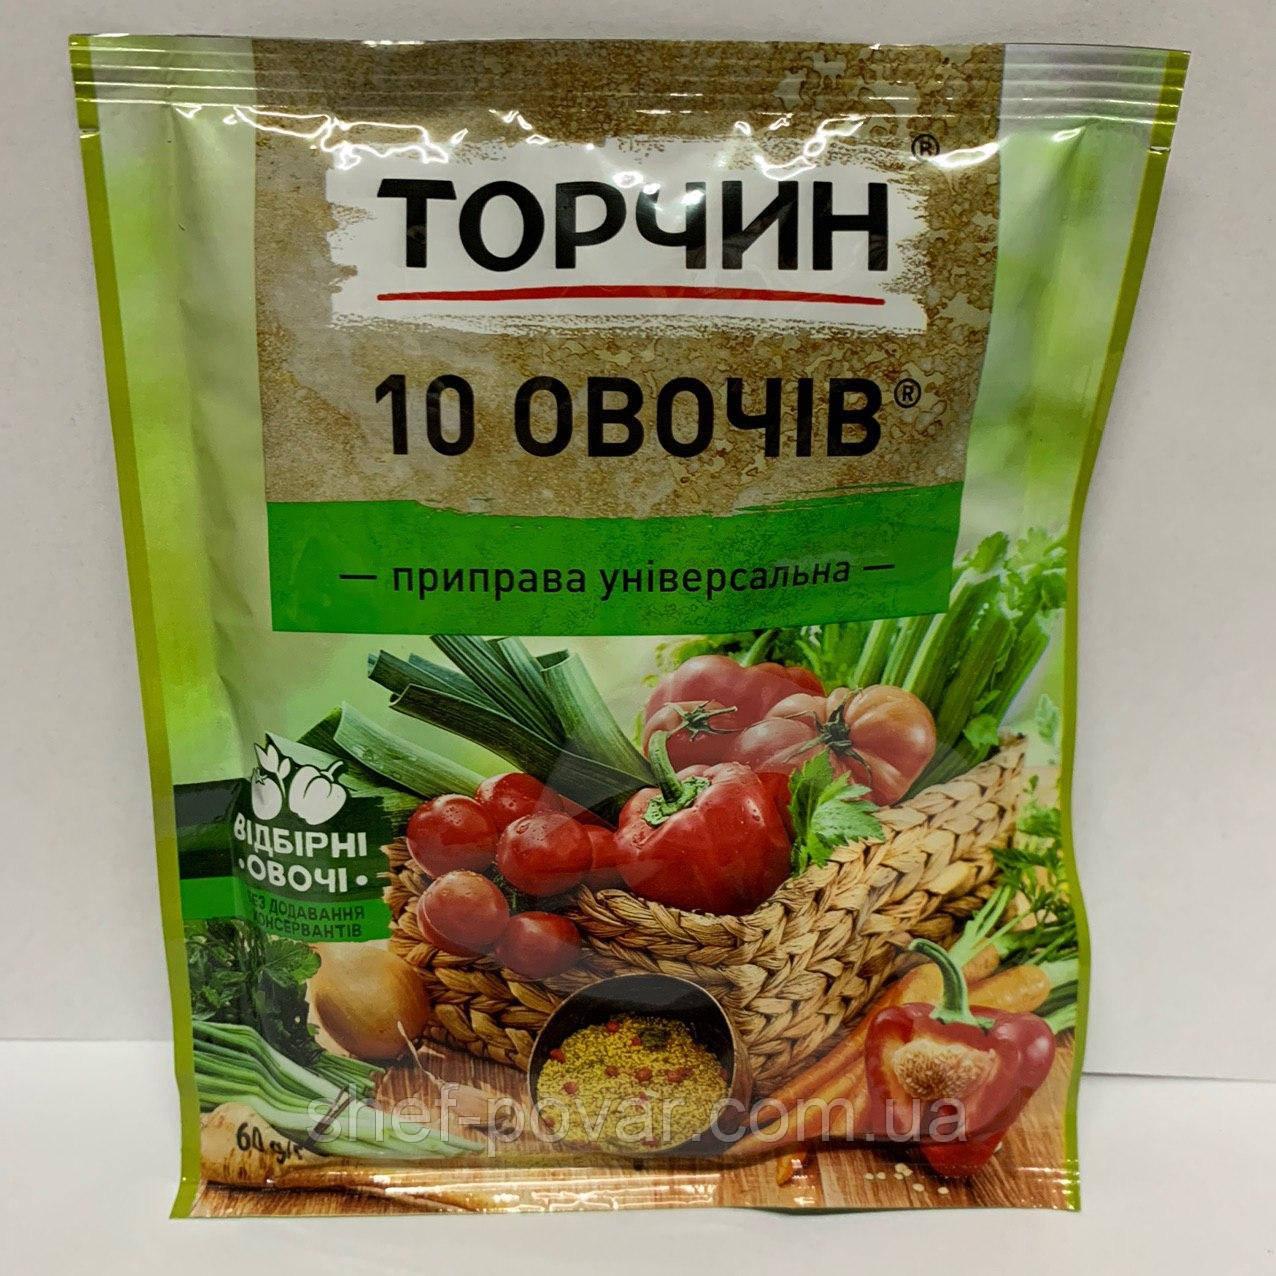 10 овощей Торчин 60 г.